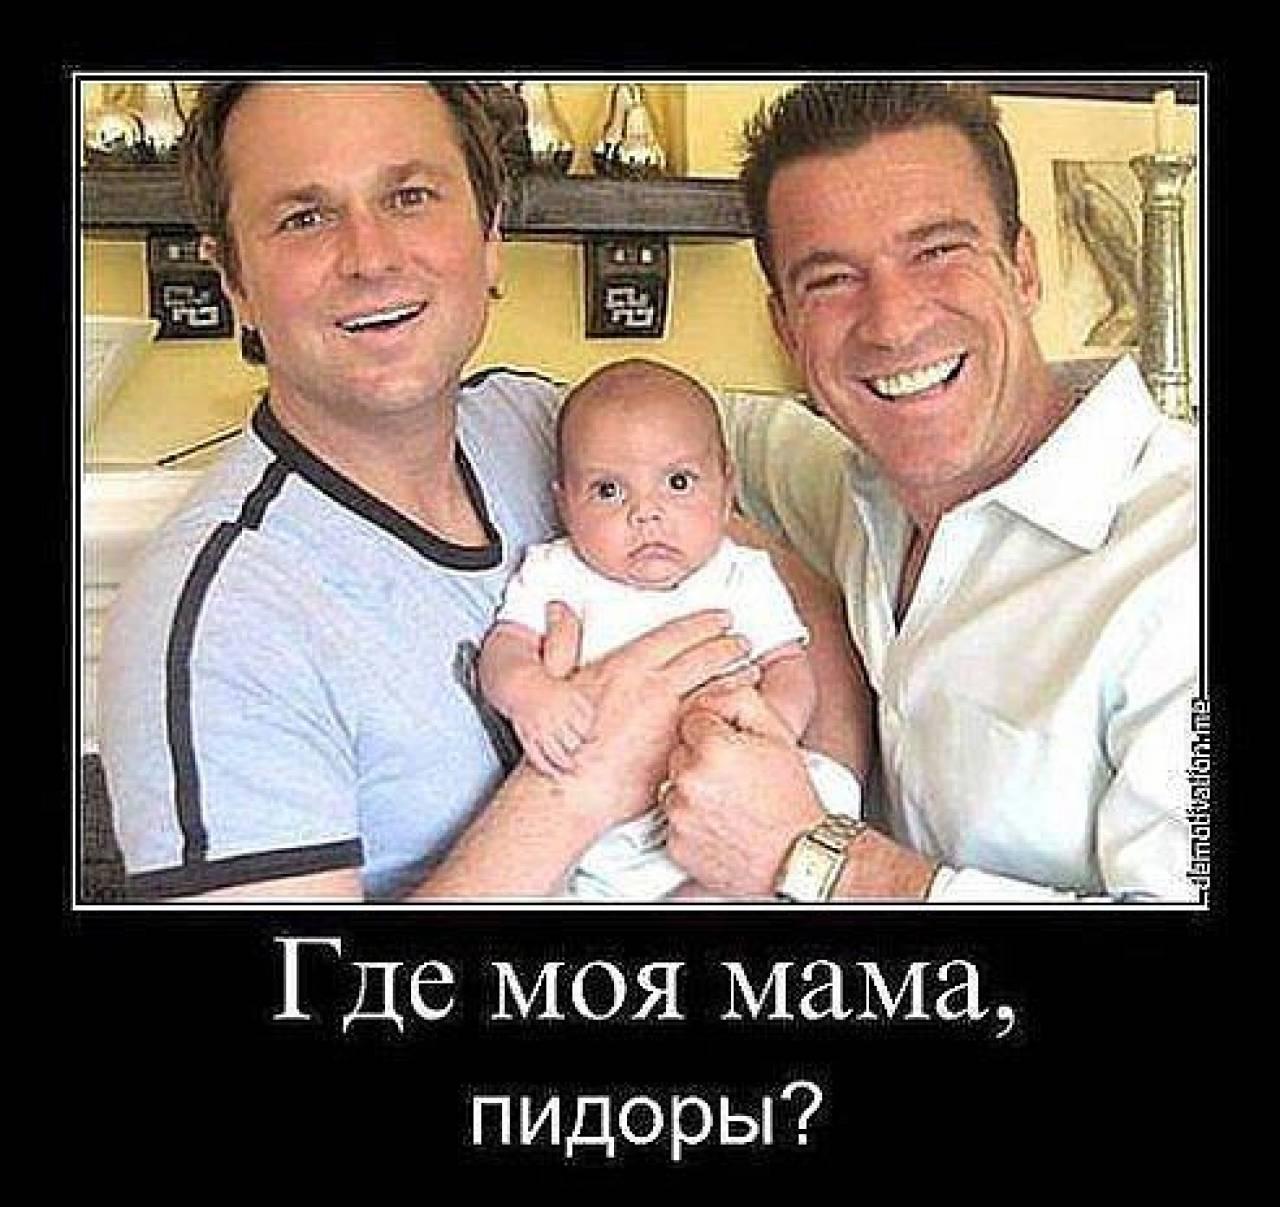 pochemu-lyudi-stanovyatsya-geyami